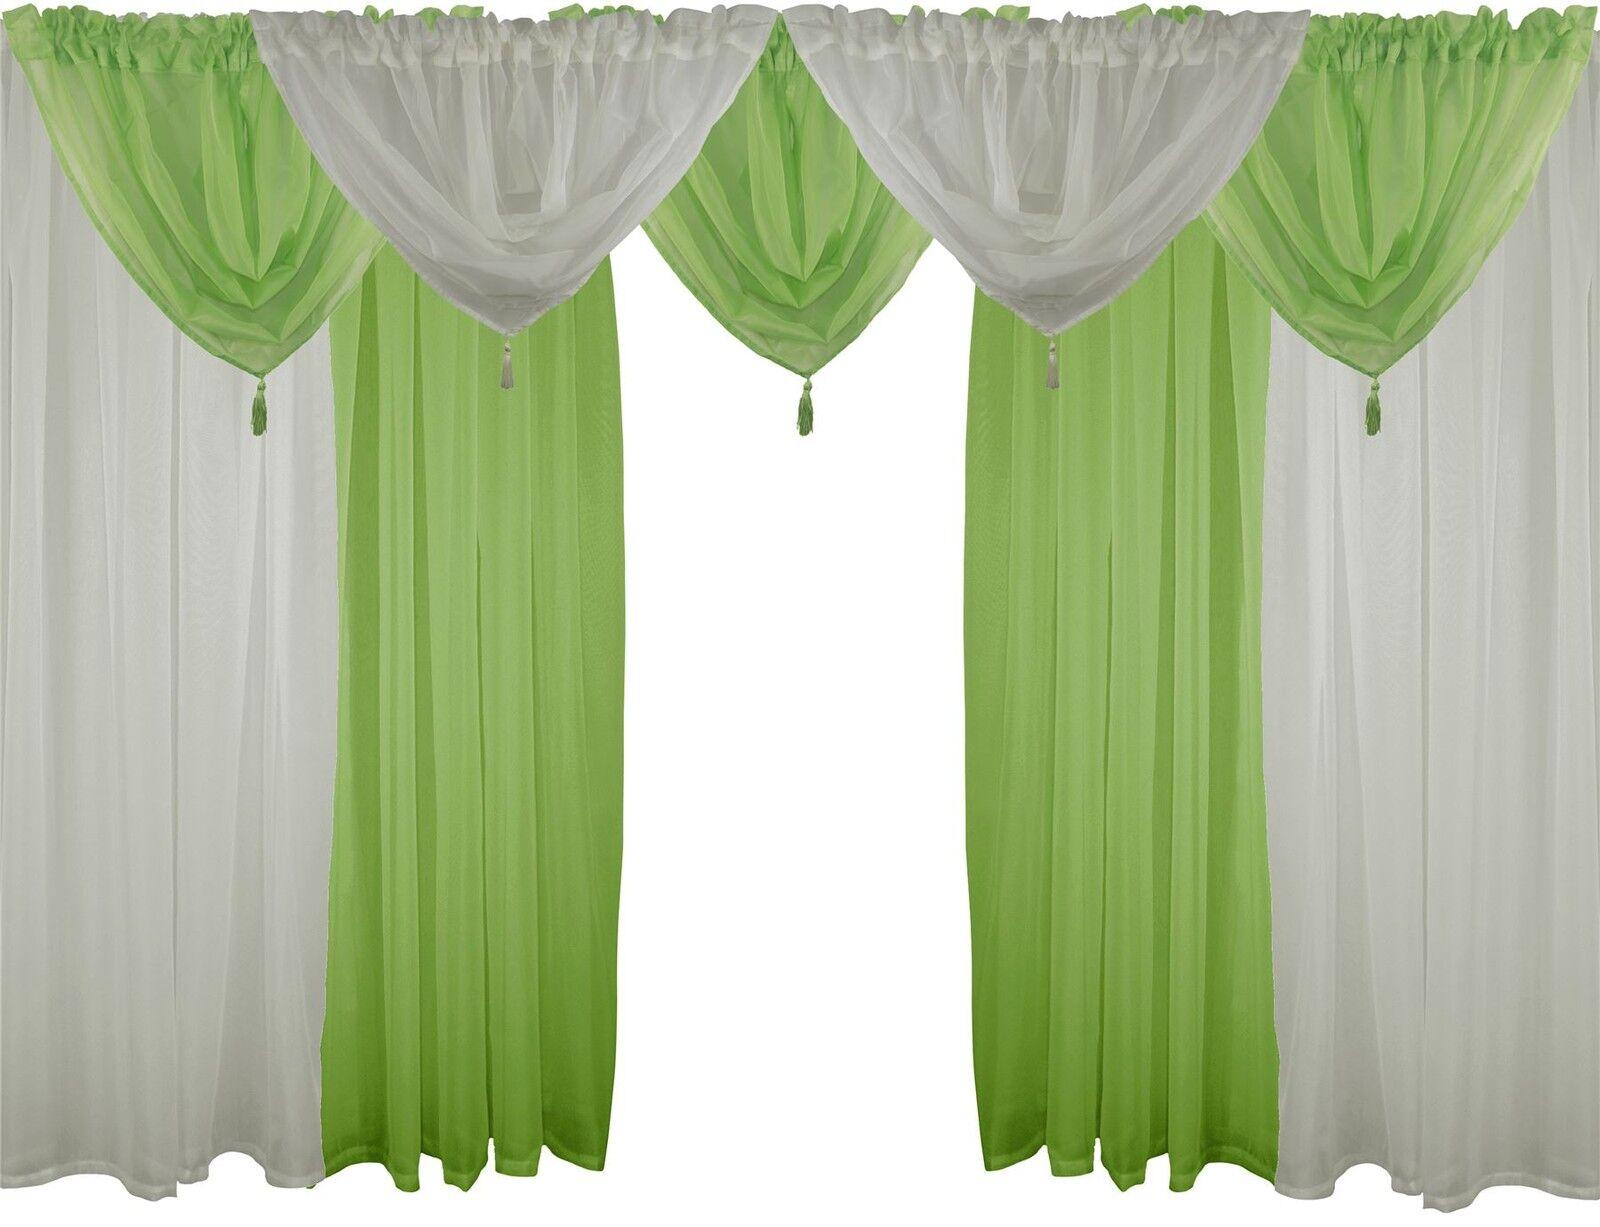 Creme & grün 9 Teile Voile-Set 229cm Stab taschen Gardinen Gardinen Gardinen Vorhänge & Beute | Sehr gelobt und vom Publikum der Verbraucher geschätzt  | Niedrige Kosten  a915f1